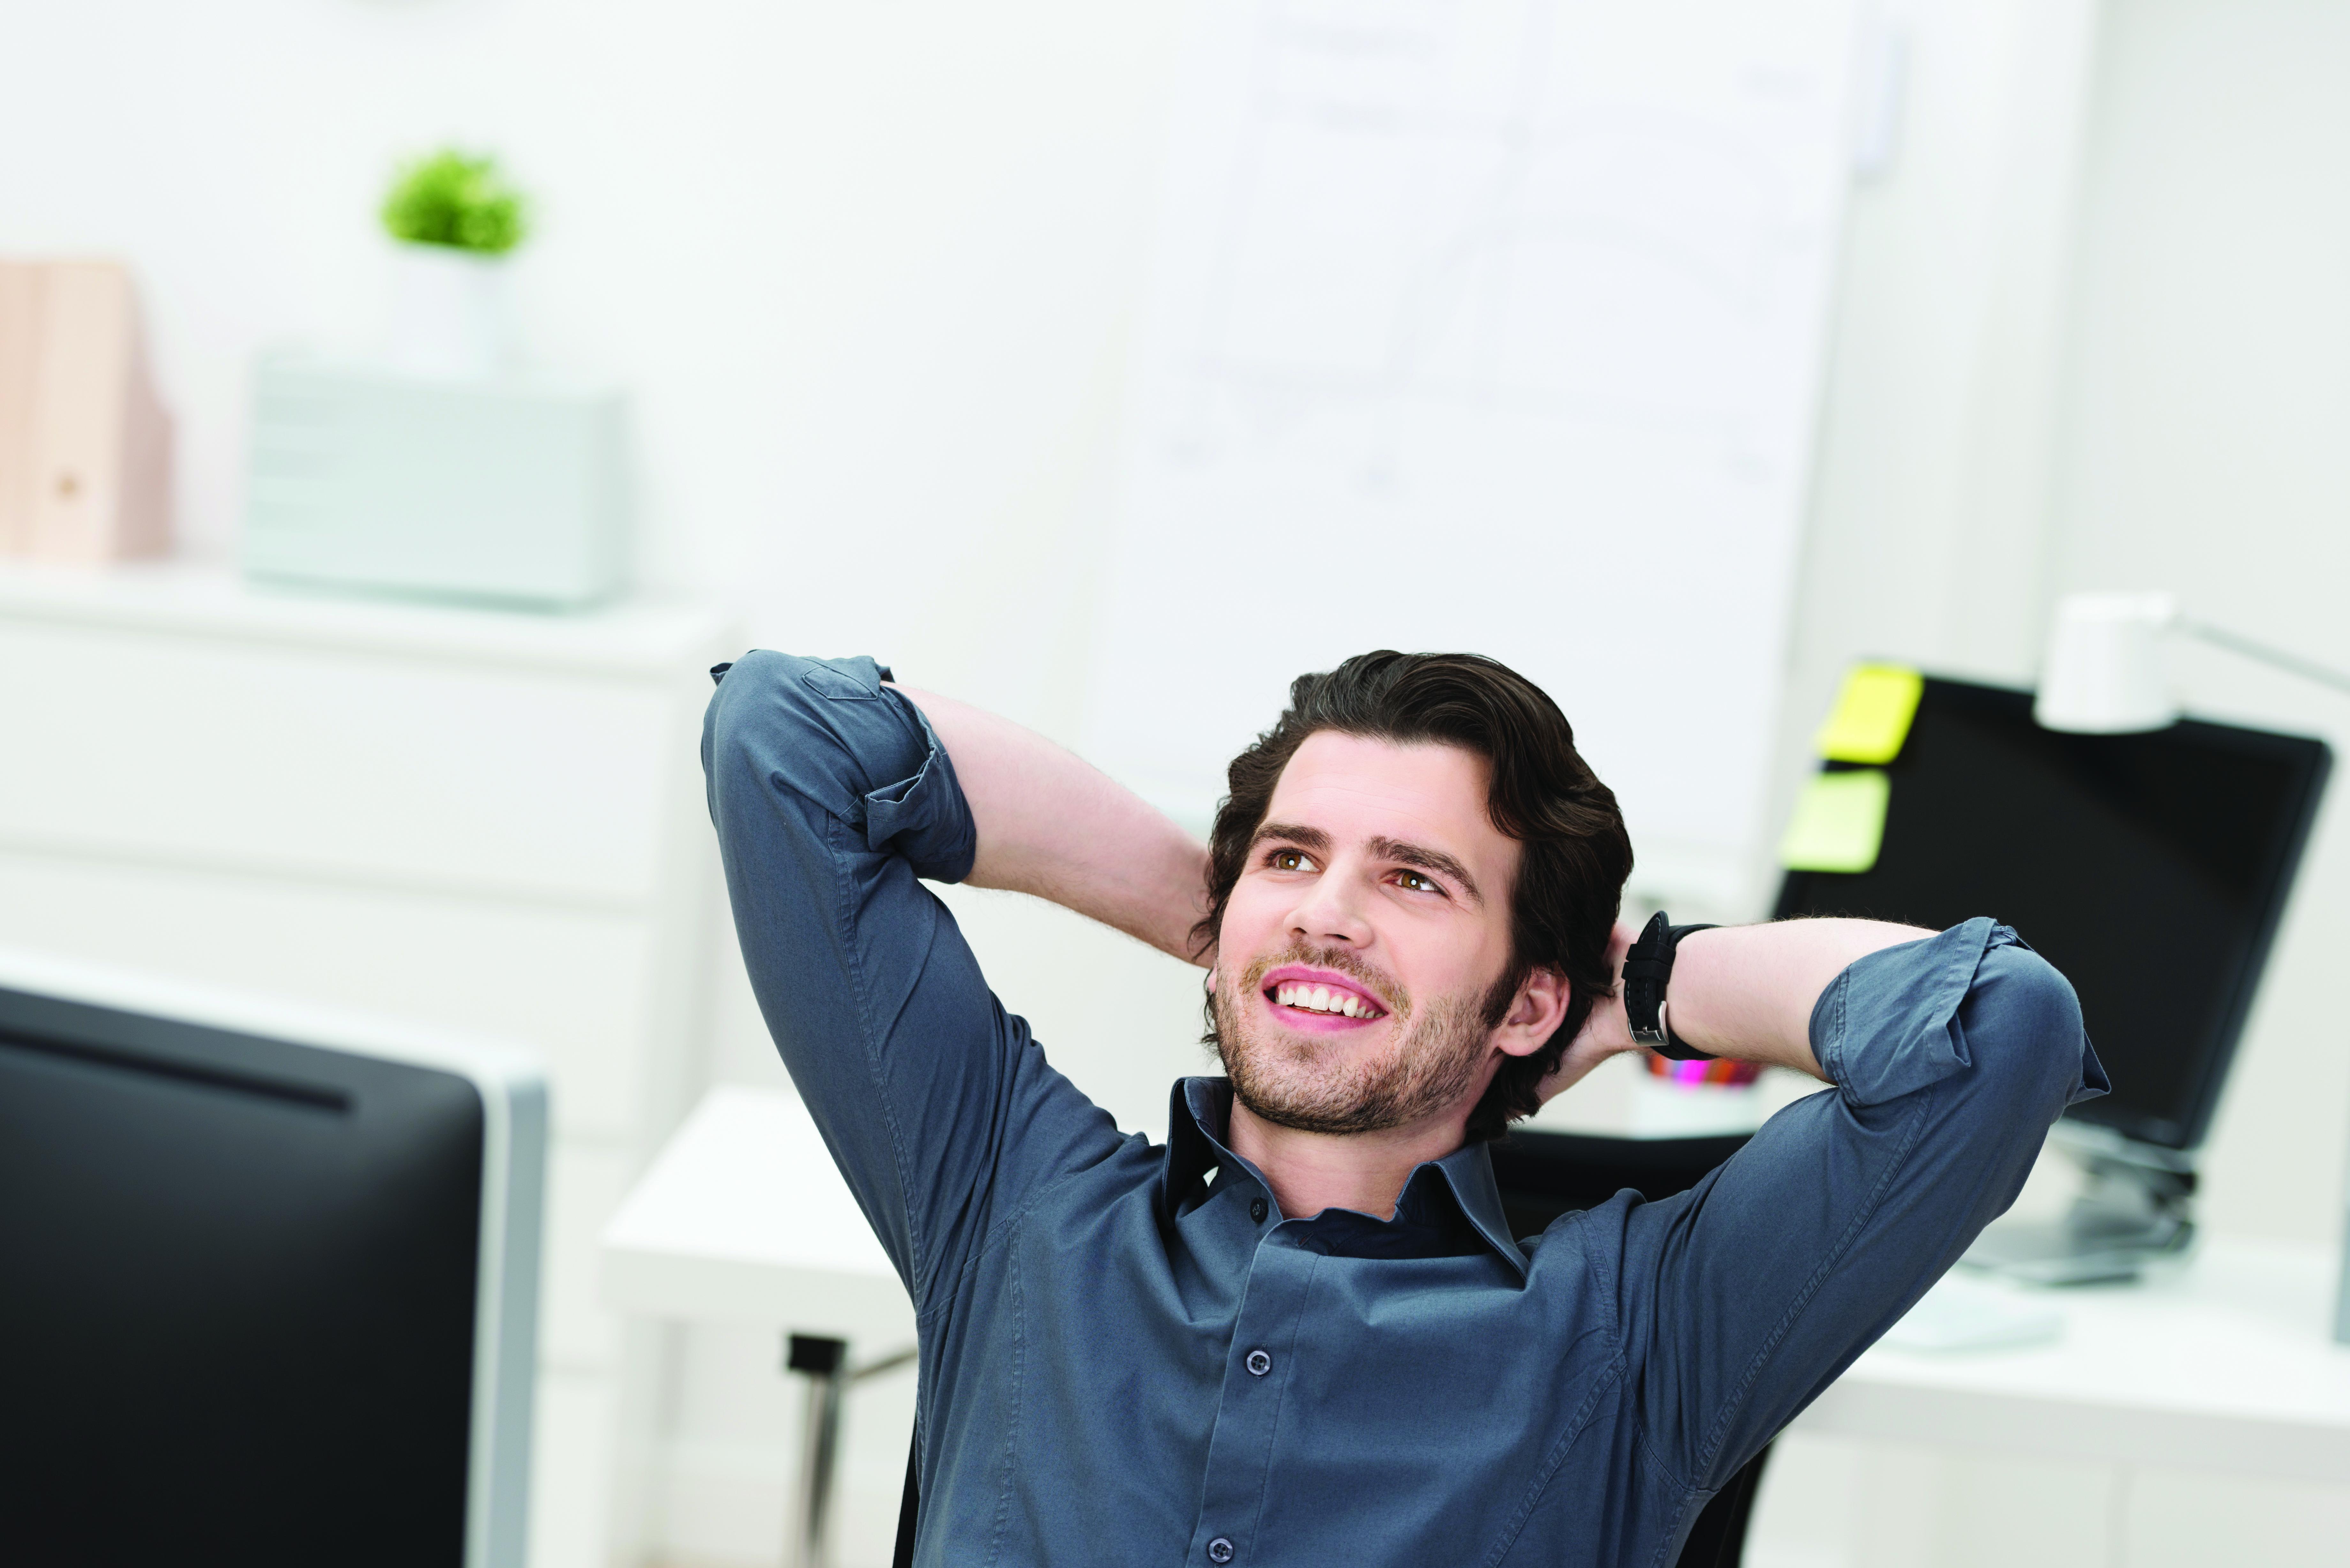 Hur kan arbetsplatser främja psykisk hälsa?